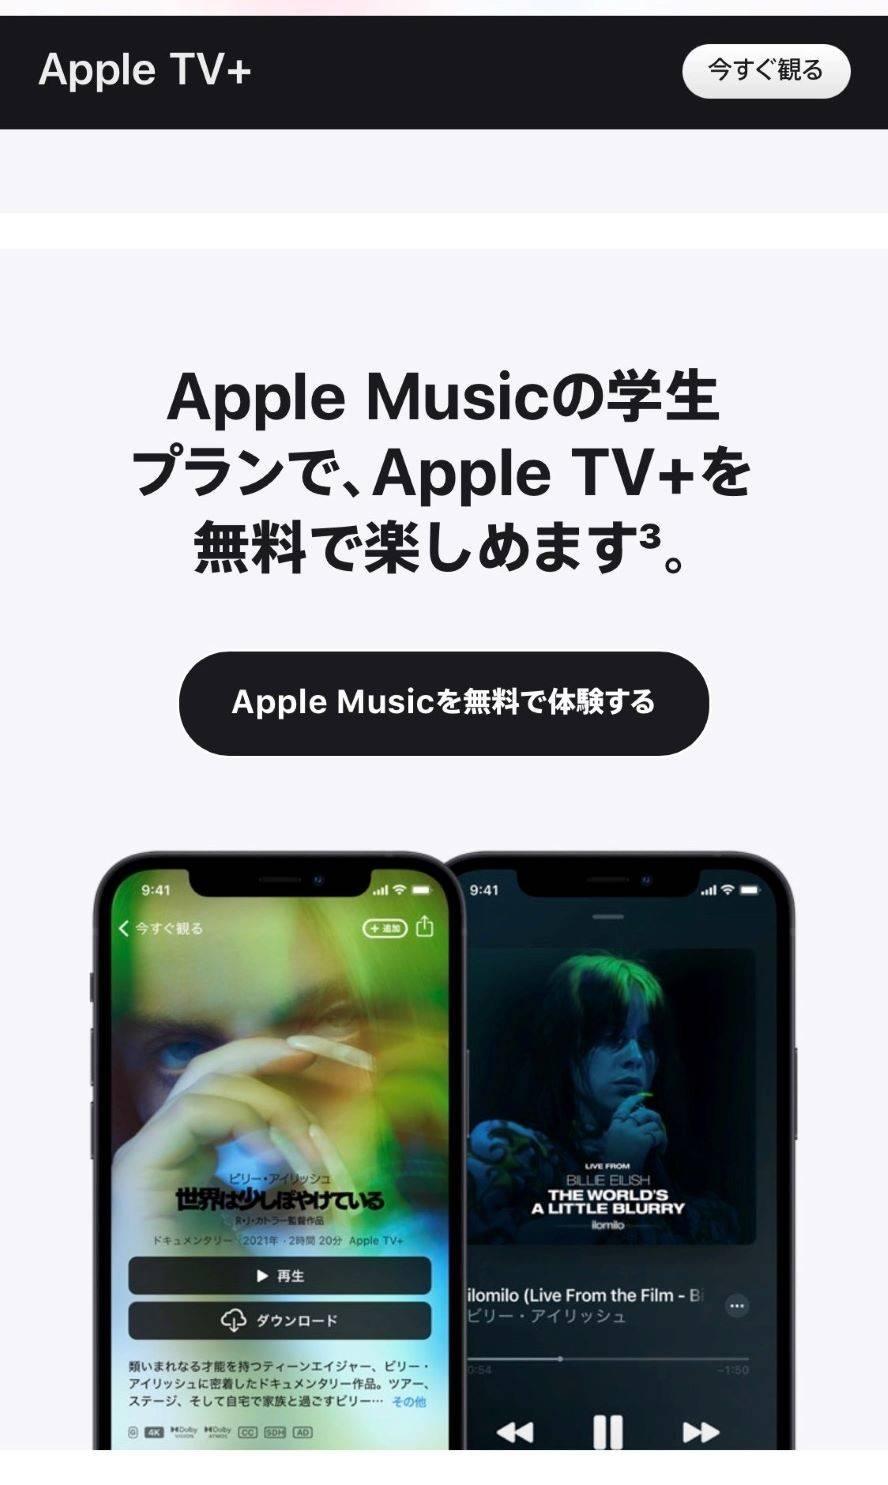 「Apple TV+」の画像